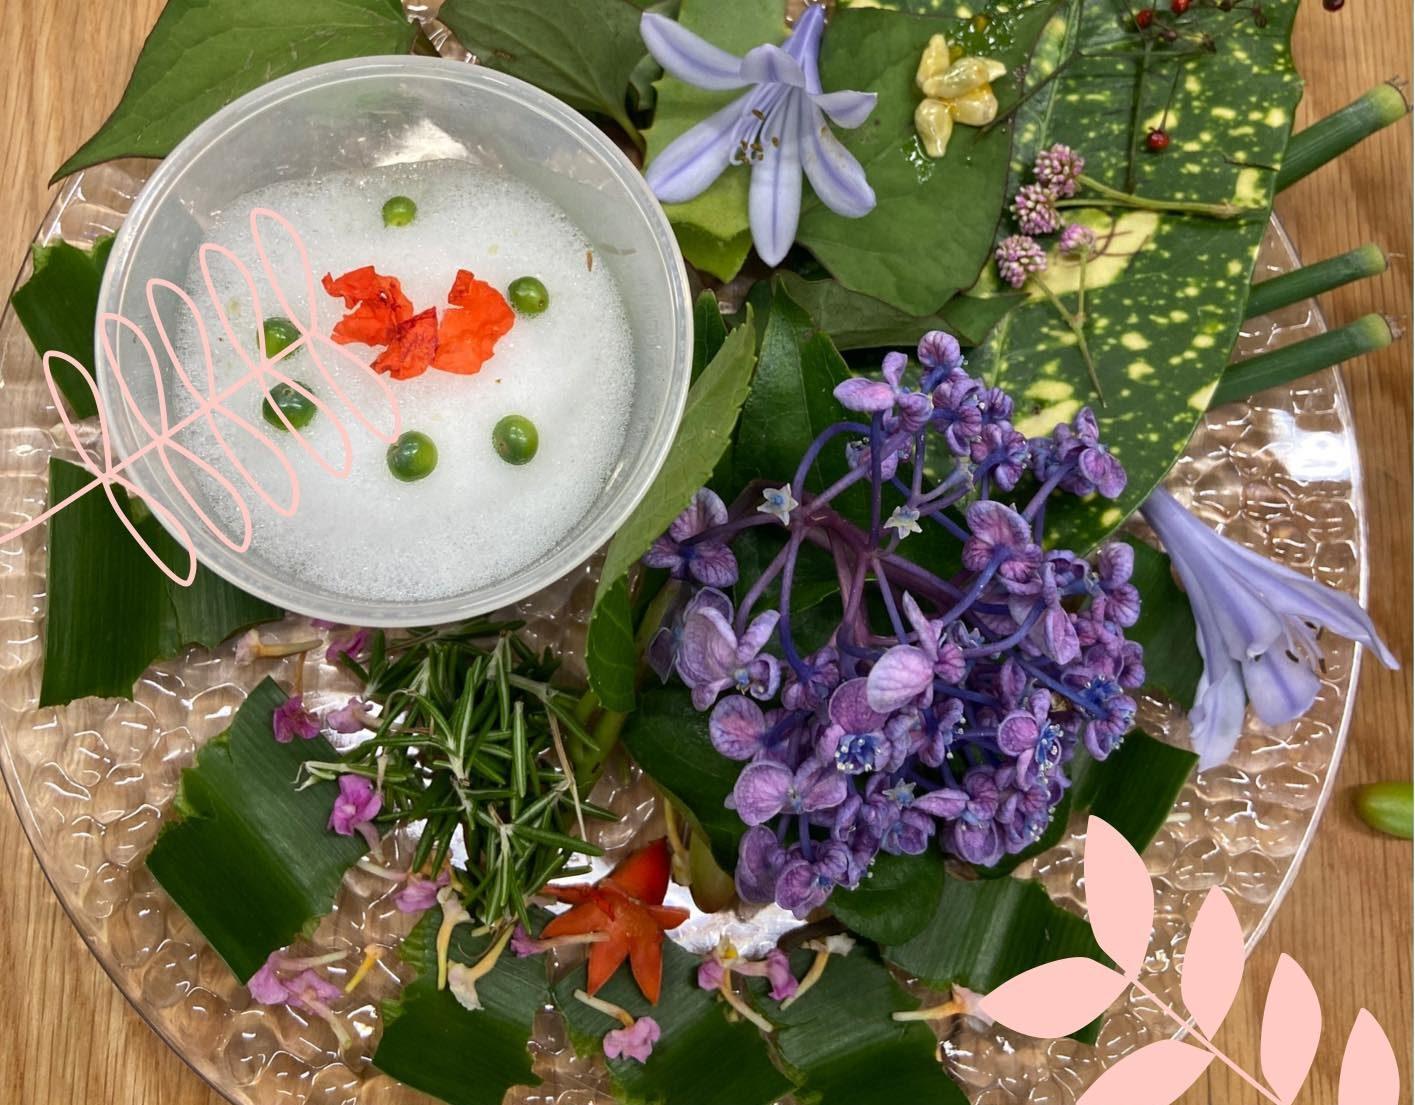 キャンディ式草花遊び会 「みやこむカルチャーセンター@スタジモ Vol.2」のお知らせ